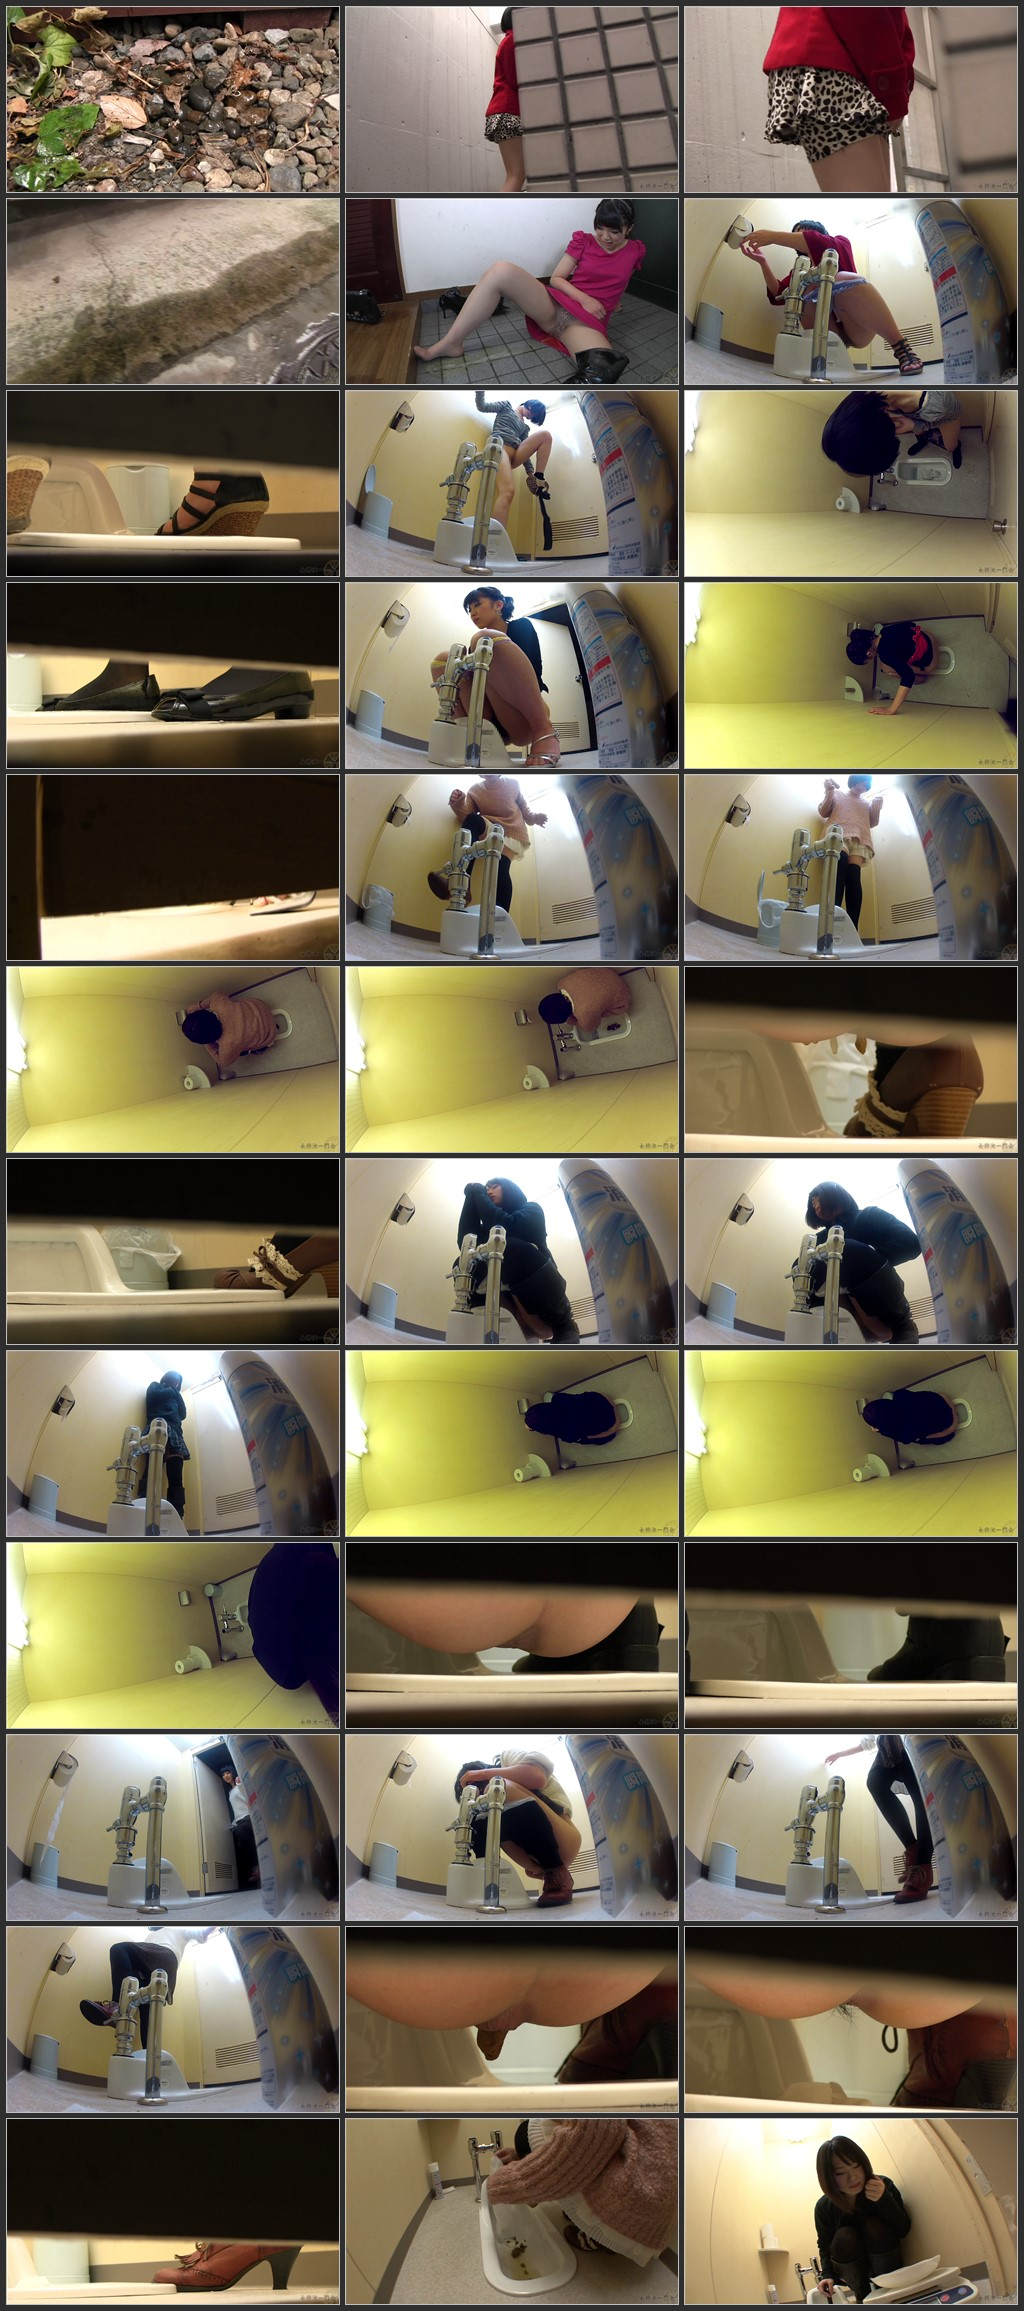 BENT 002 - [BENT-002] - 美女達の排泄パニック 2盗撮 トイレ(盗撮) スカトロ 放尿 スカトロ 脱糞